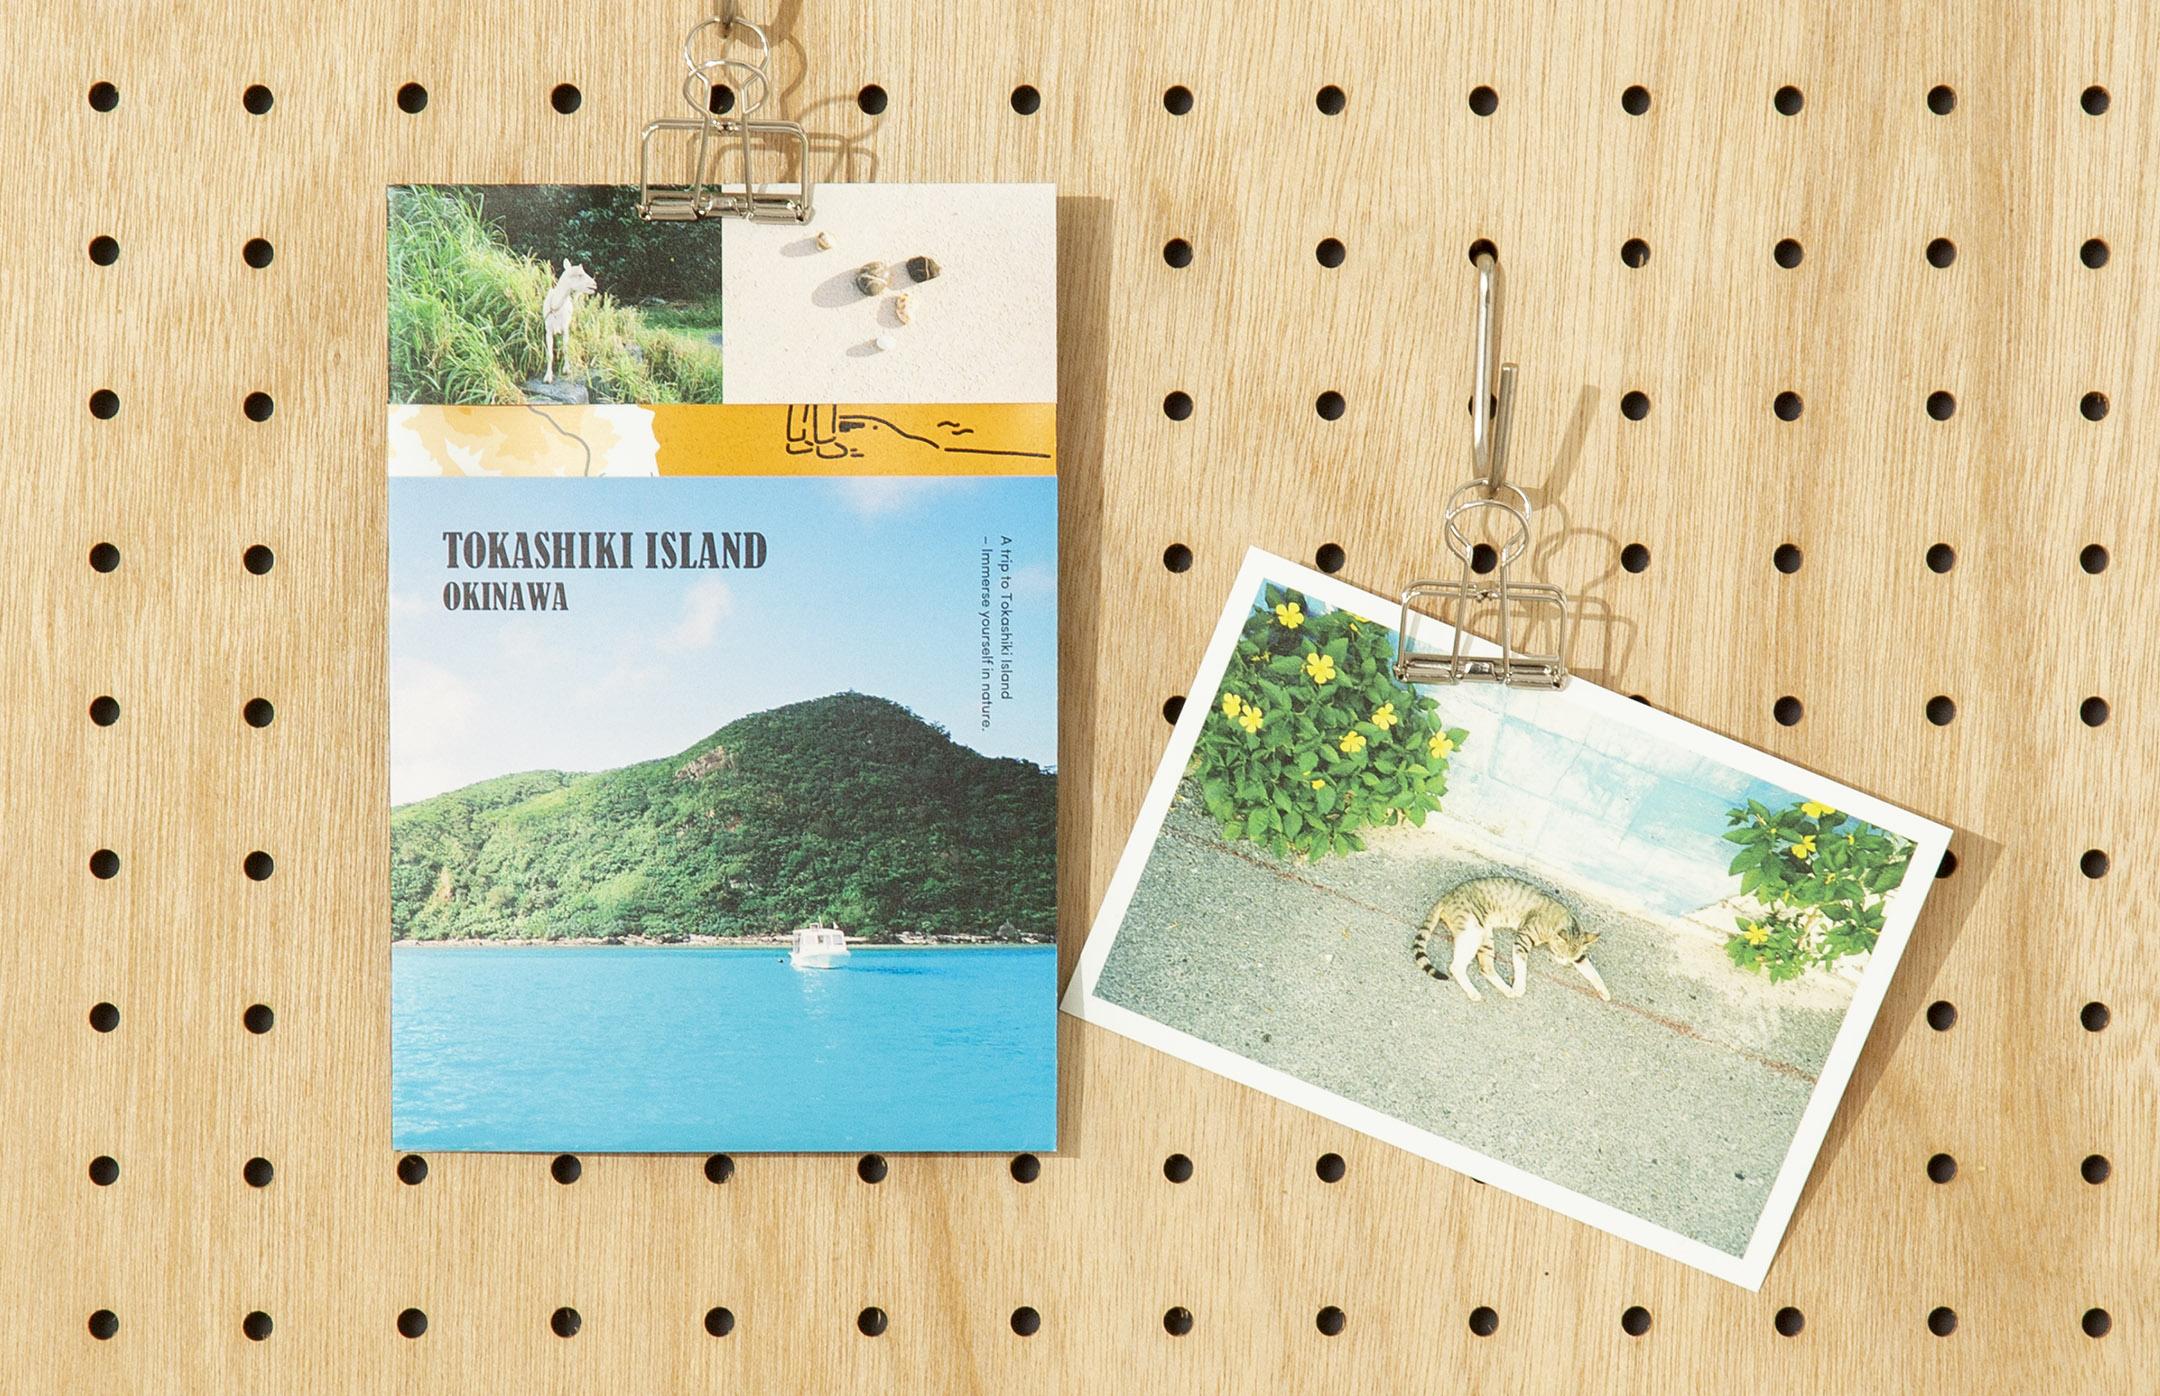 TOKASHIKI ISLAND OKINAWA